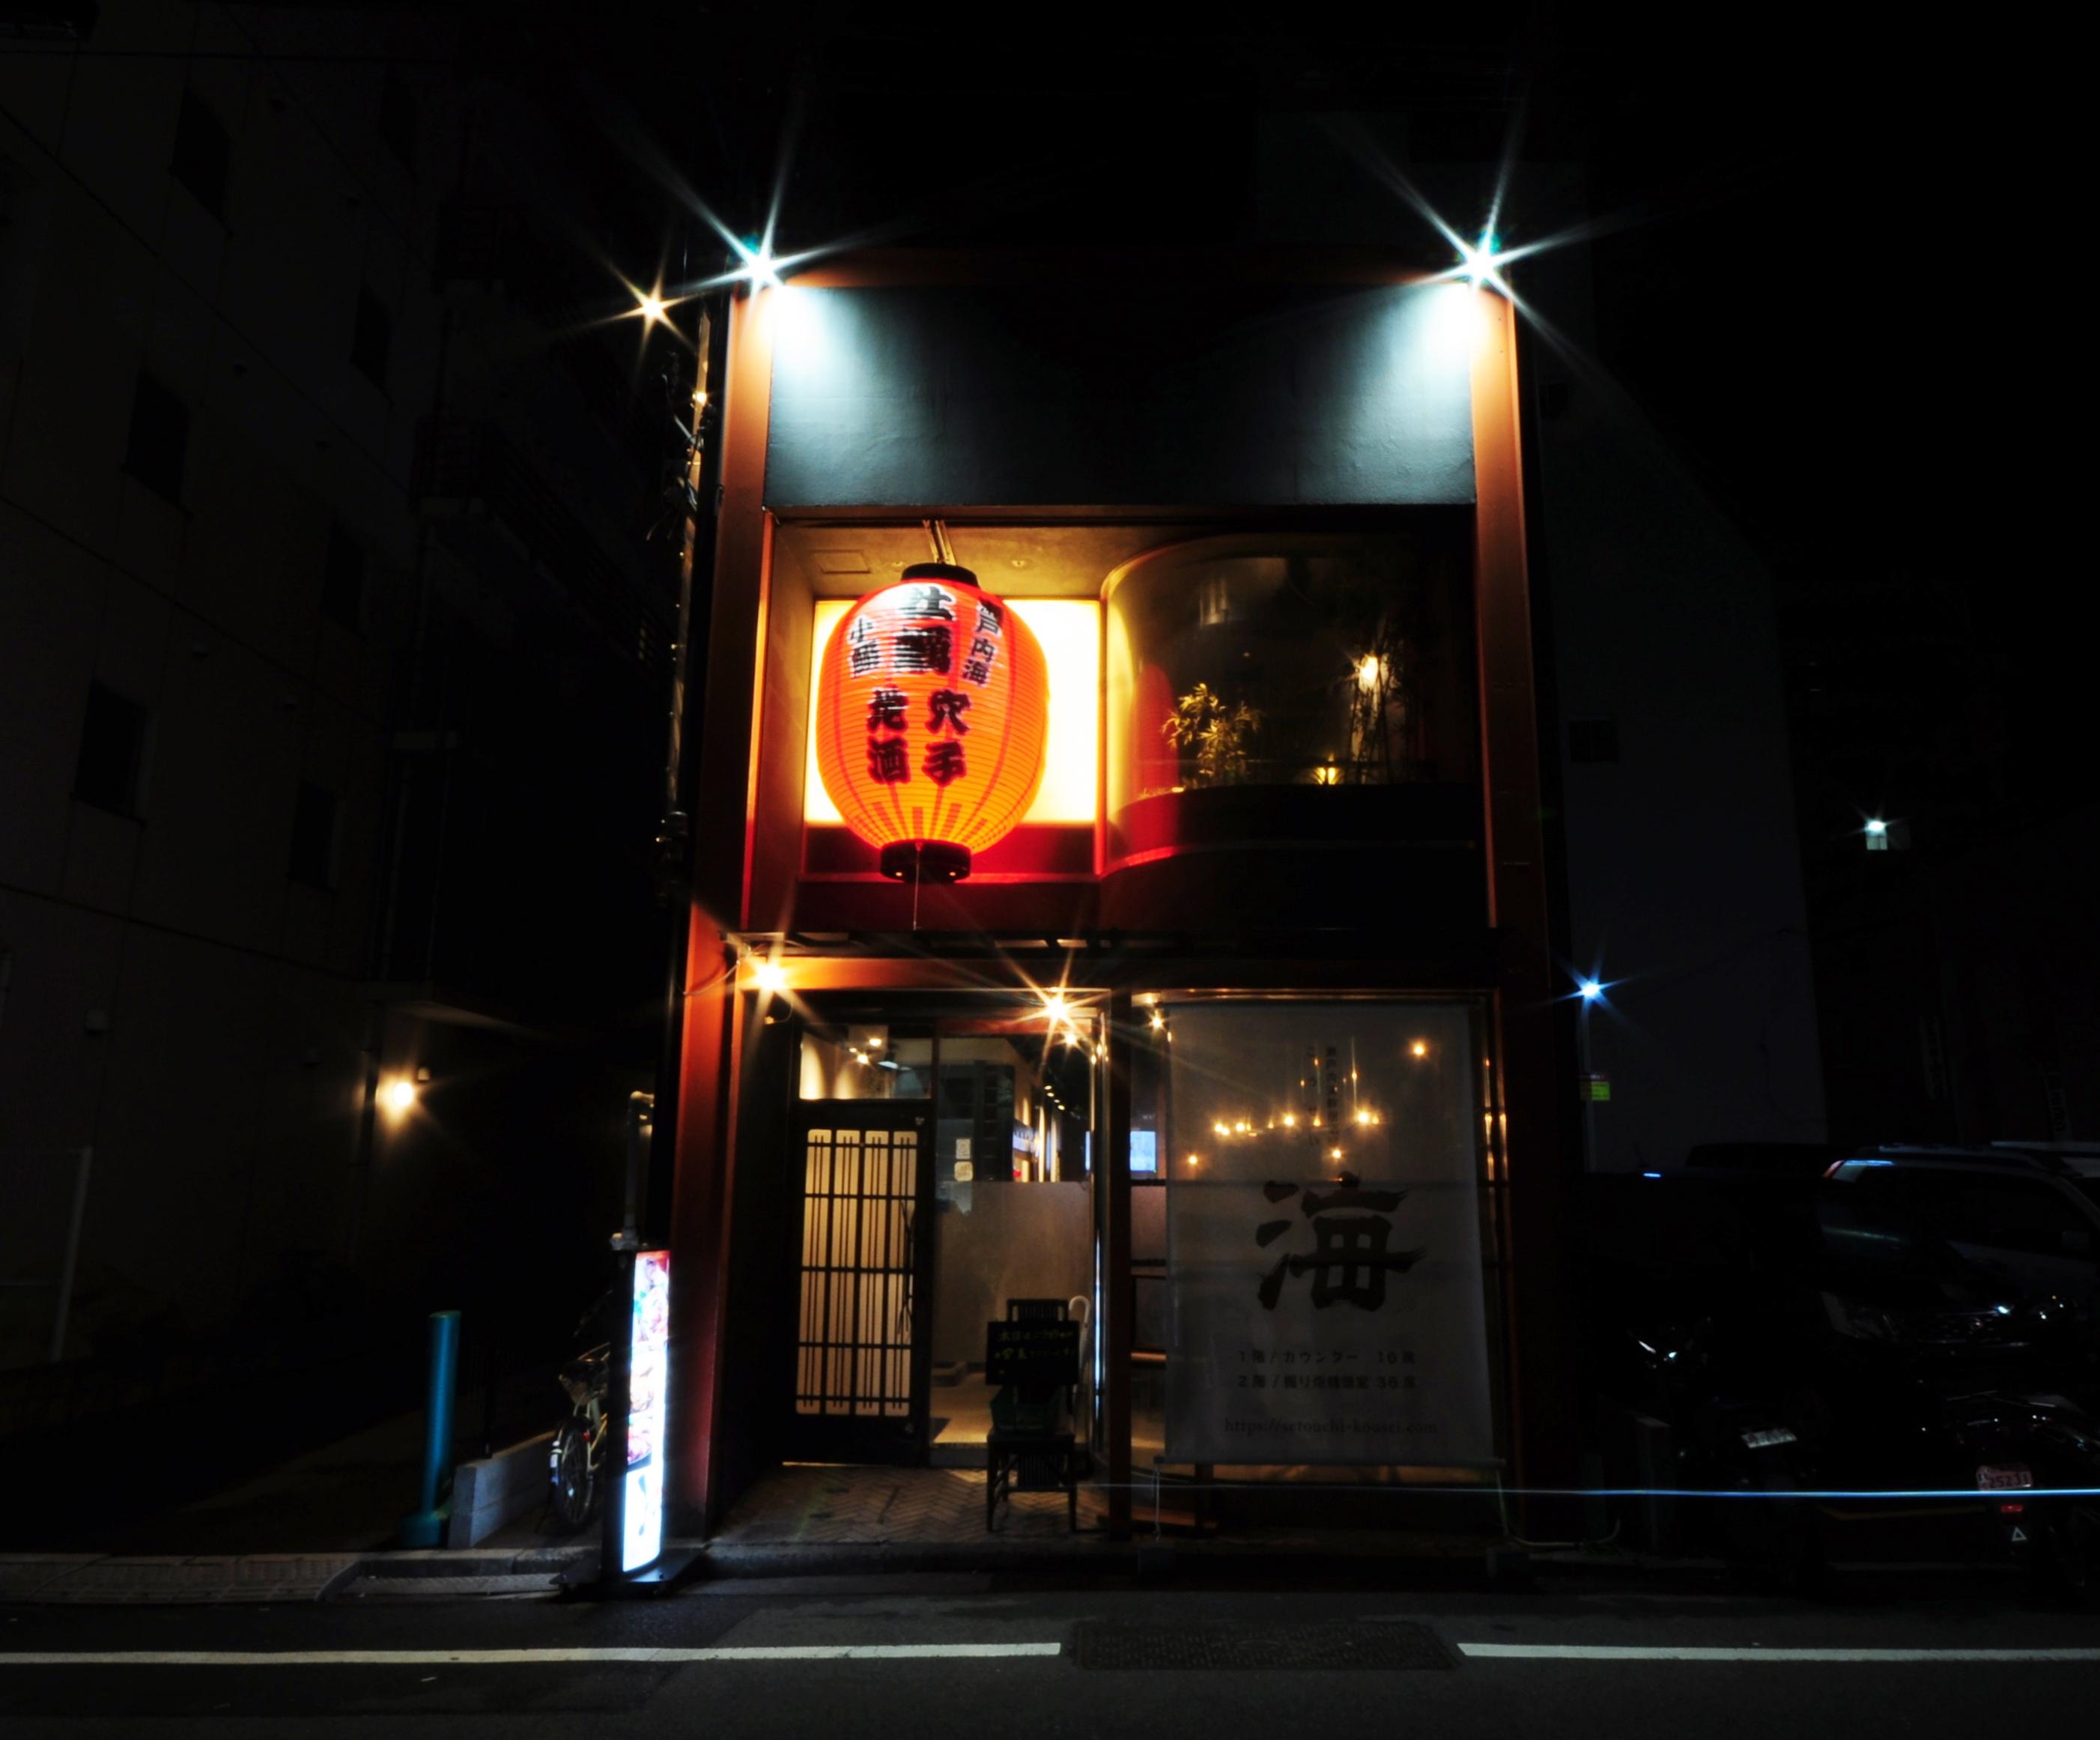 瀬戸内海鮮居酒屋 こうせいのイメージ写真